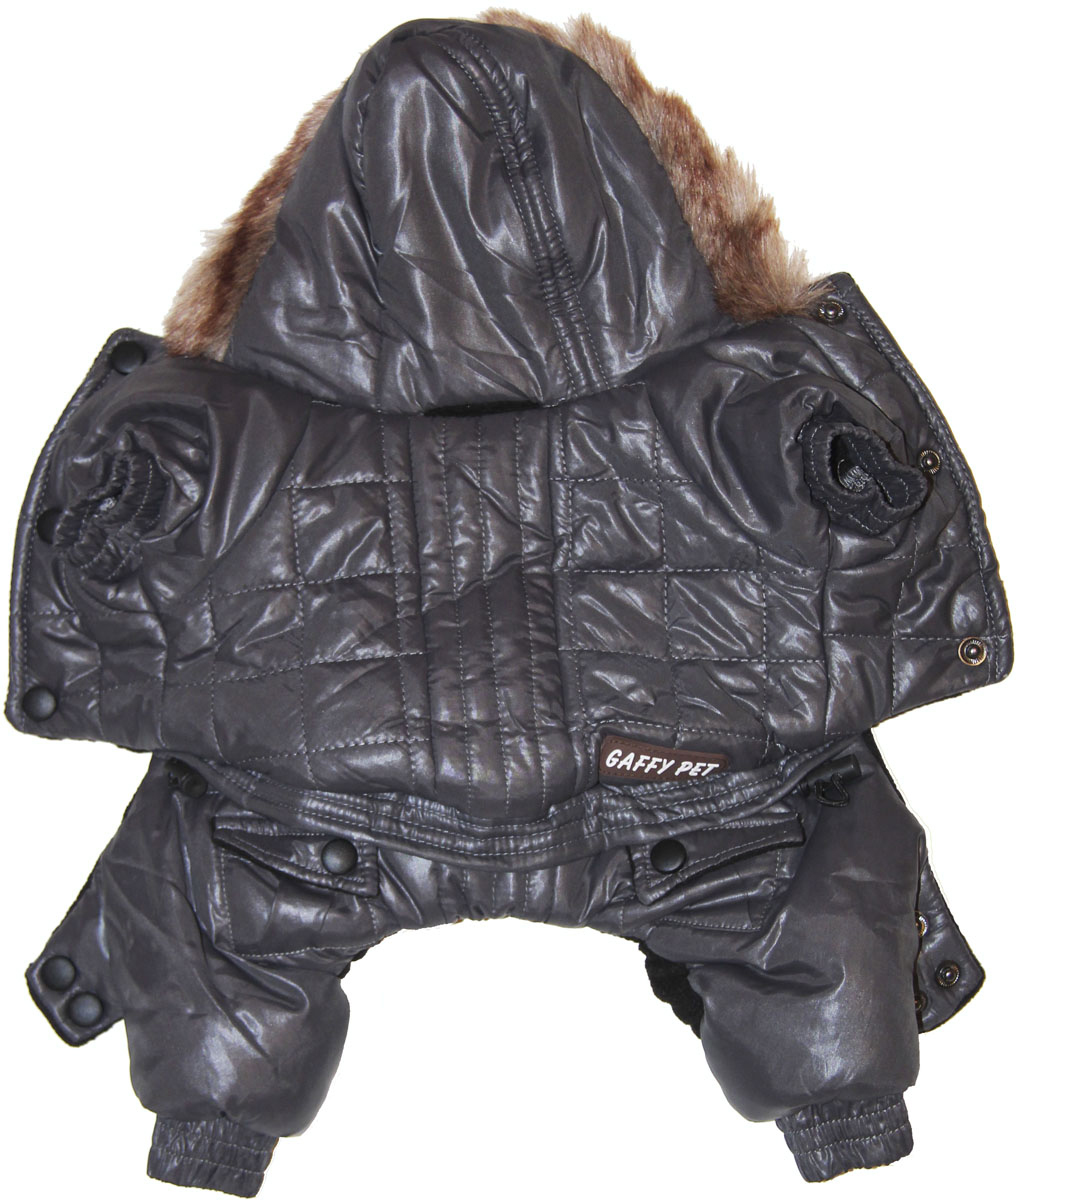 """Фото Комбинезон для собак Gaffy Pet """"Charcoal"""", зимний, для мальчика, цвет: черный. Размер XL"""